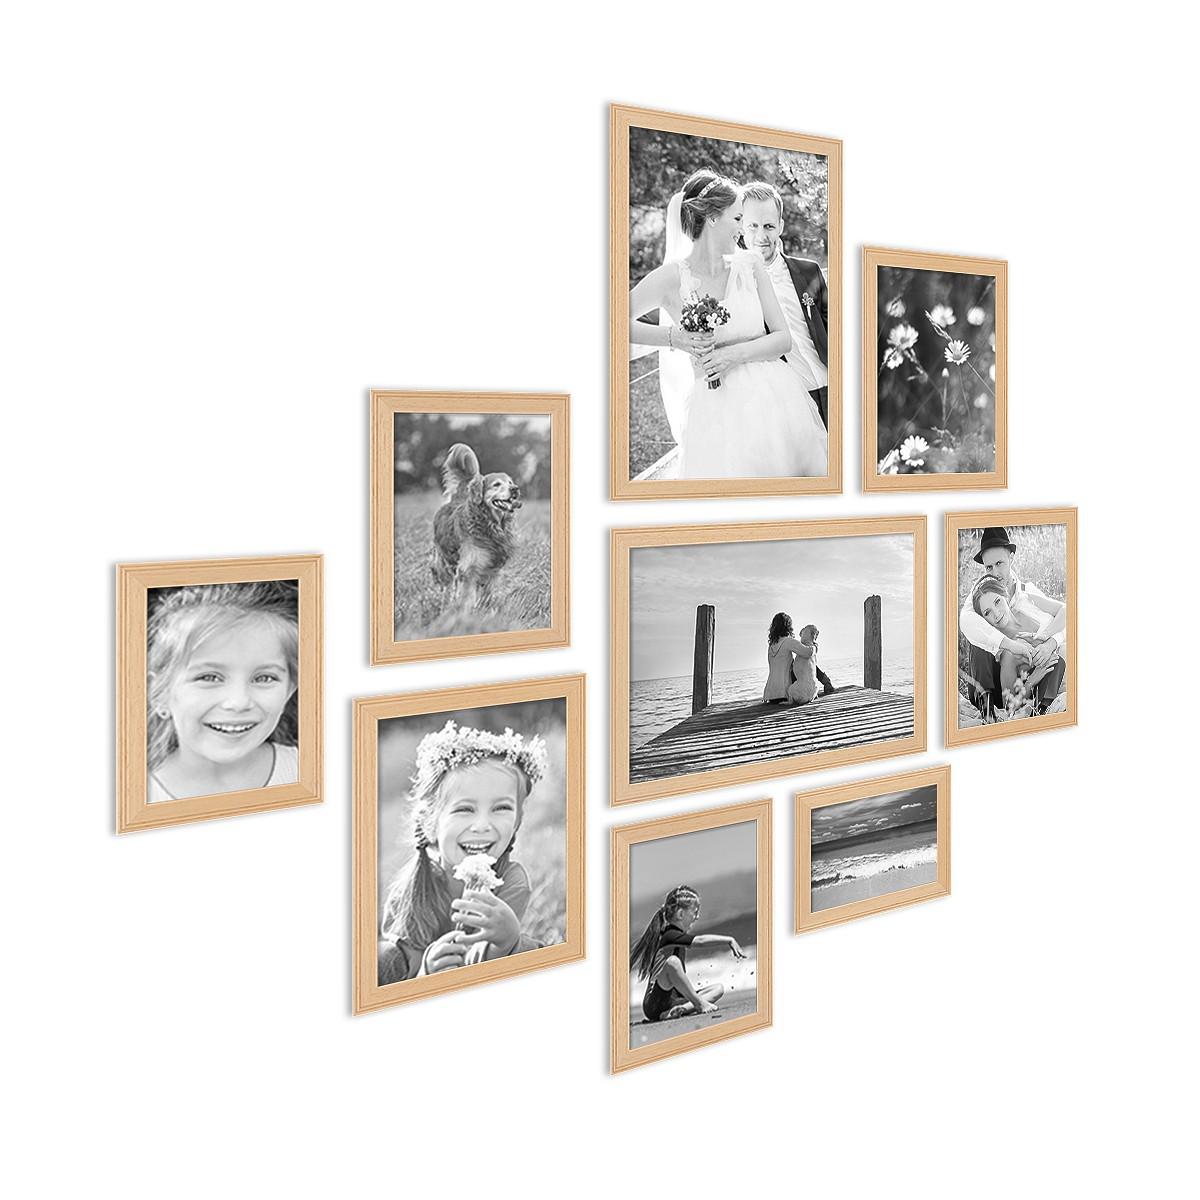 9er set landhaus bilderrahmen holz natur massivholz rahmen mit glasscheibe und zubeh r 10x15. Black Bedroom Furniture Sets. Home Design Ideas